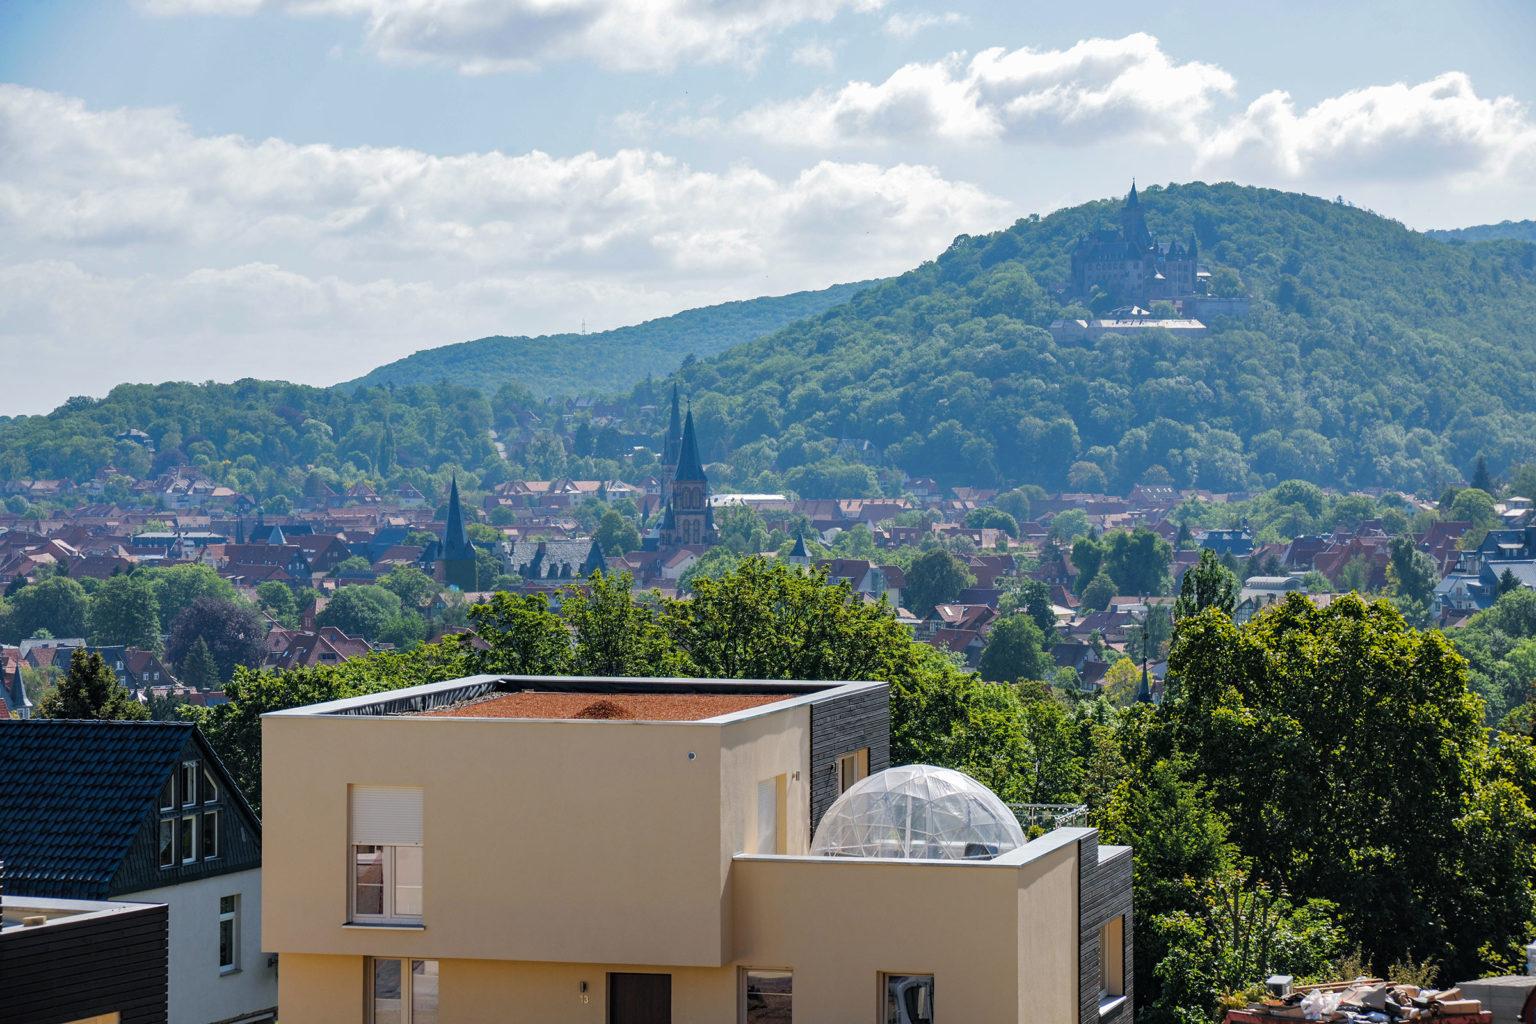 Eisenberg-Wernigerode-Eigentumswohnungen-Verkauf